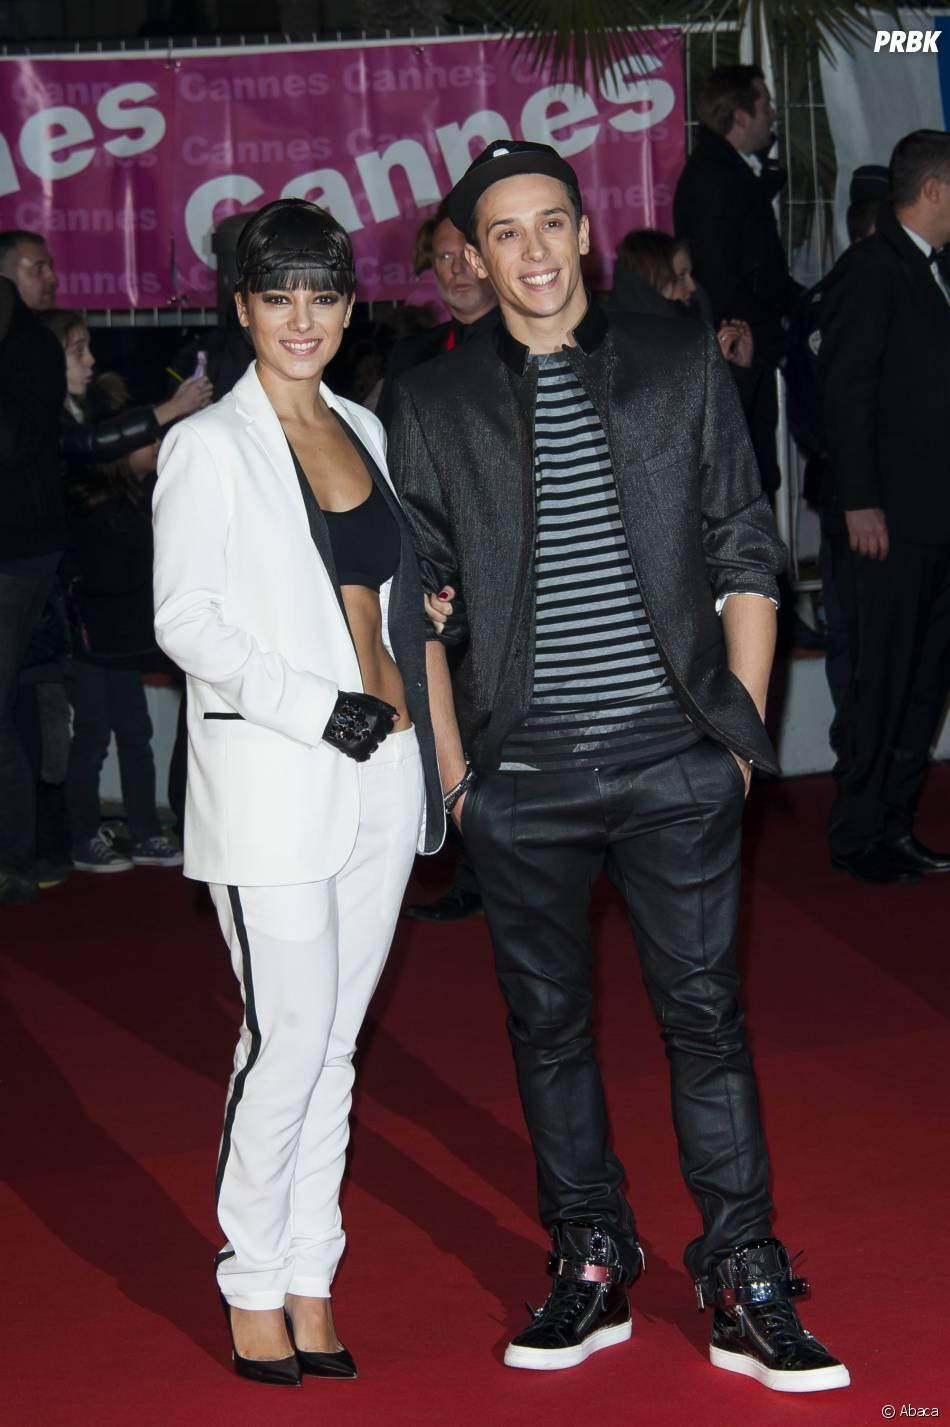 Alizée et Grégoire Lyonnet aux NRJ Music Awards 2014, le 14 décembre 2013 à Cannes